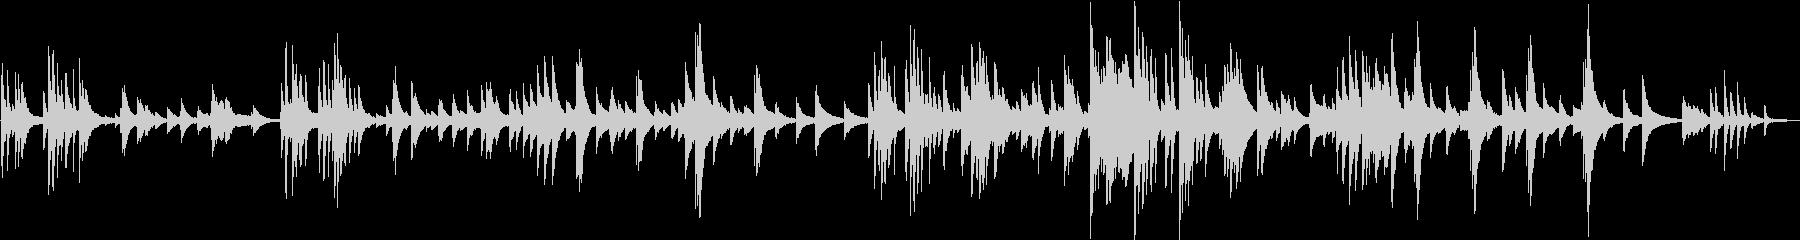 ピアノソロ。の未再生の波形